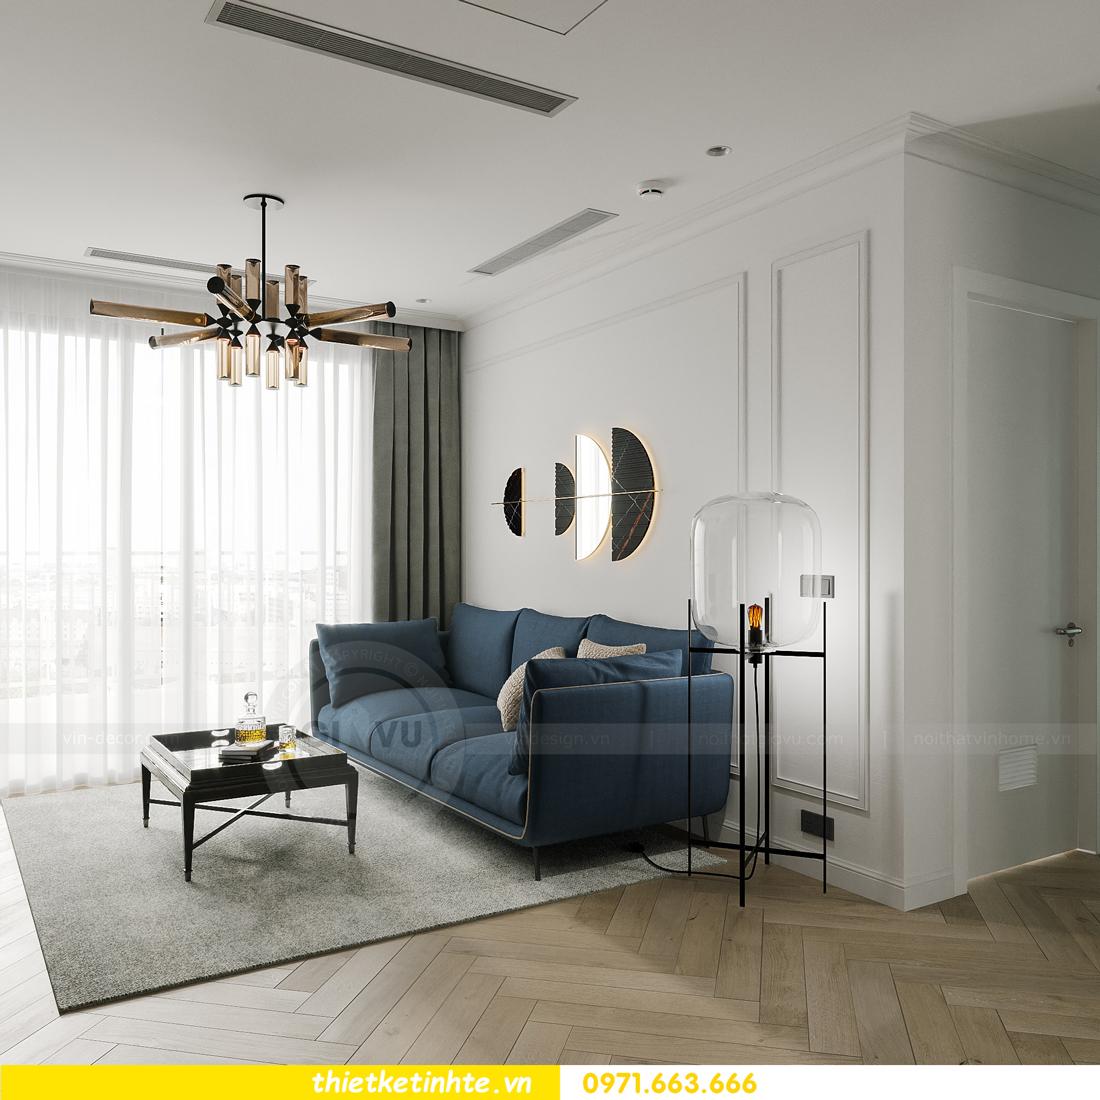 thiết kế nội thất chung cư Smart City tòa S102 căn 17 chị Hà 7